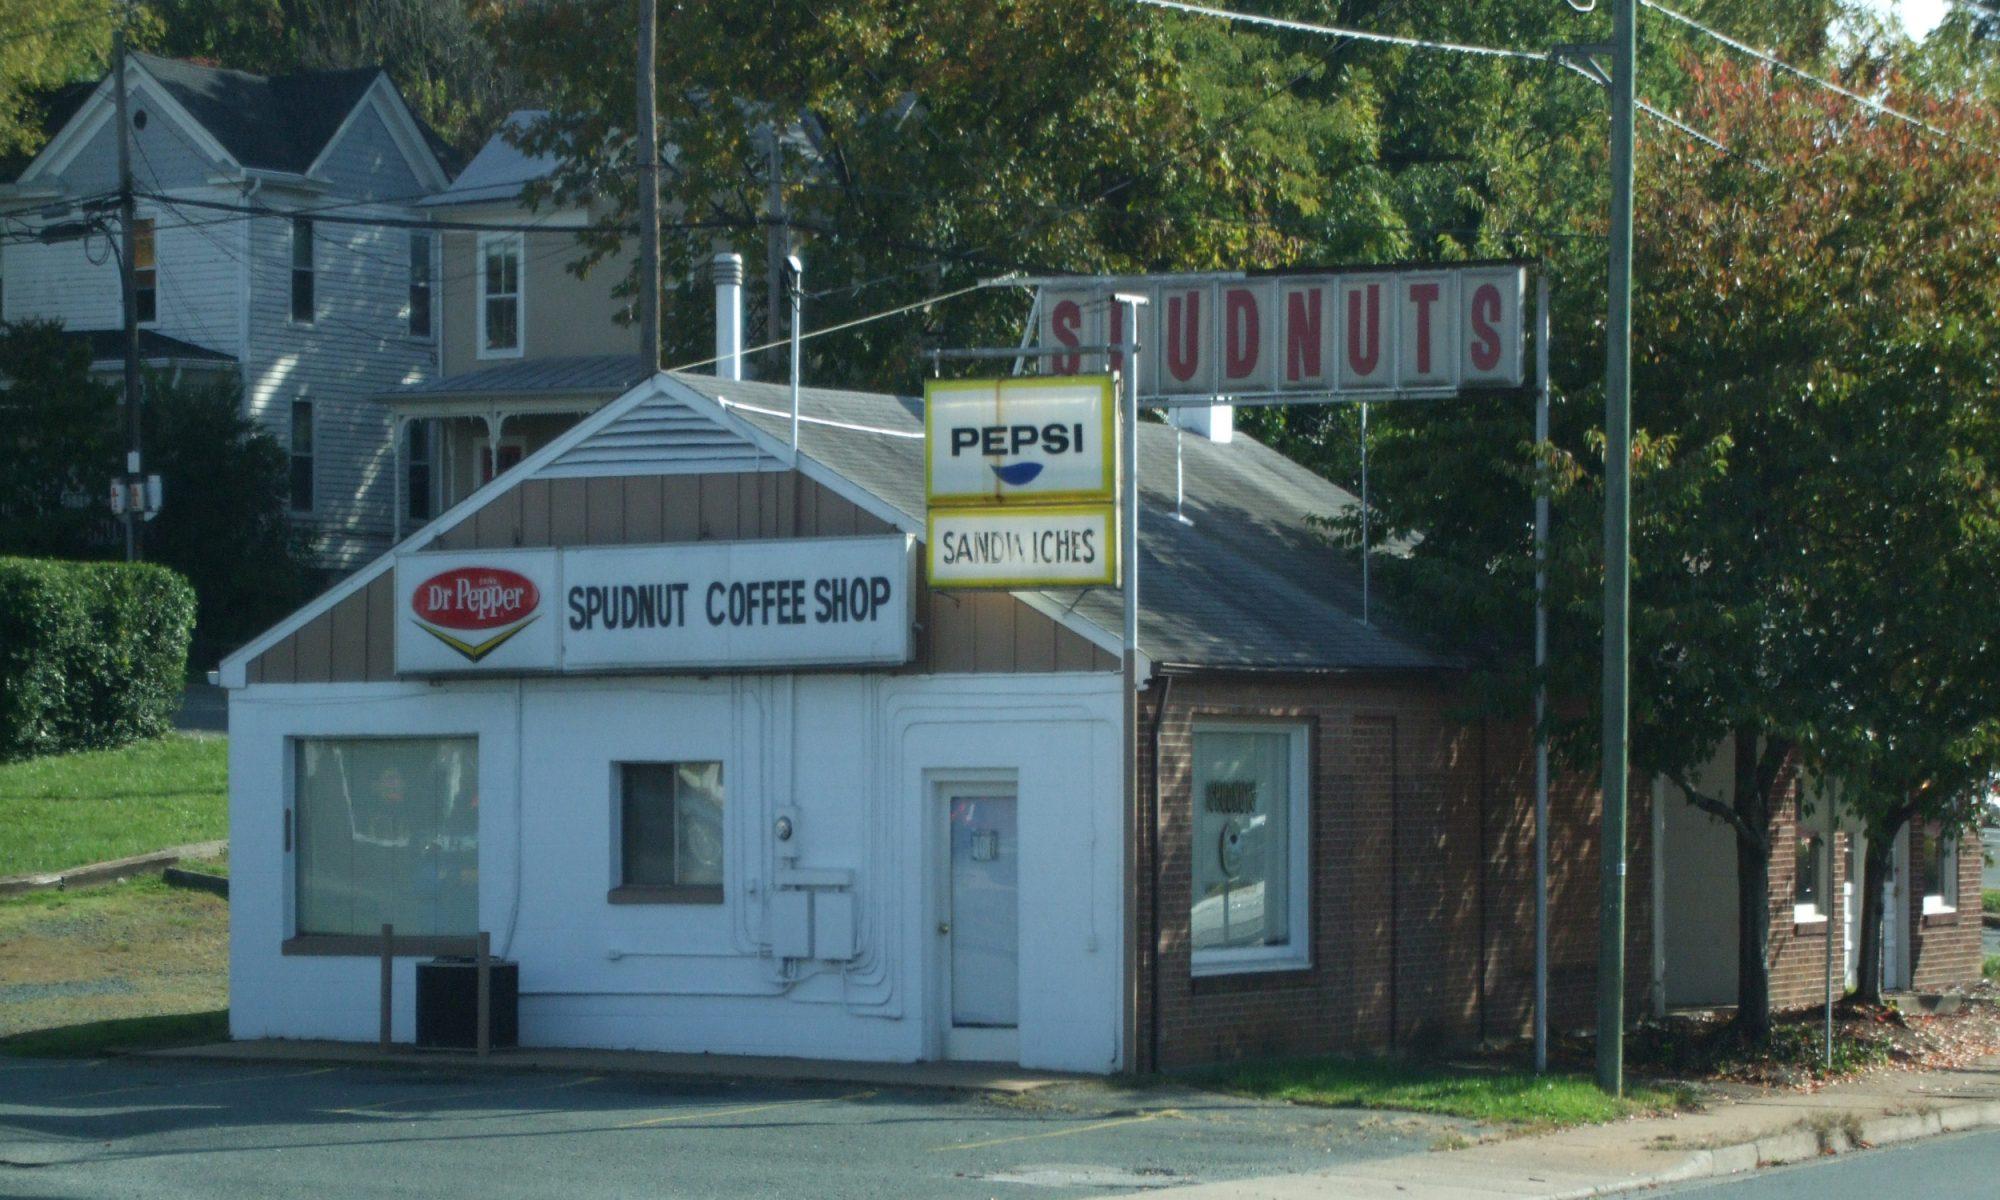 Spudnuts restaurant